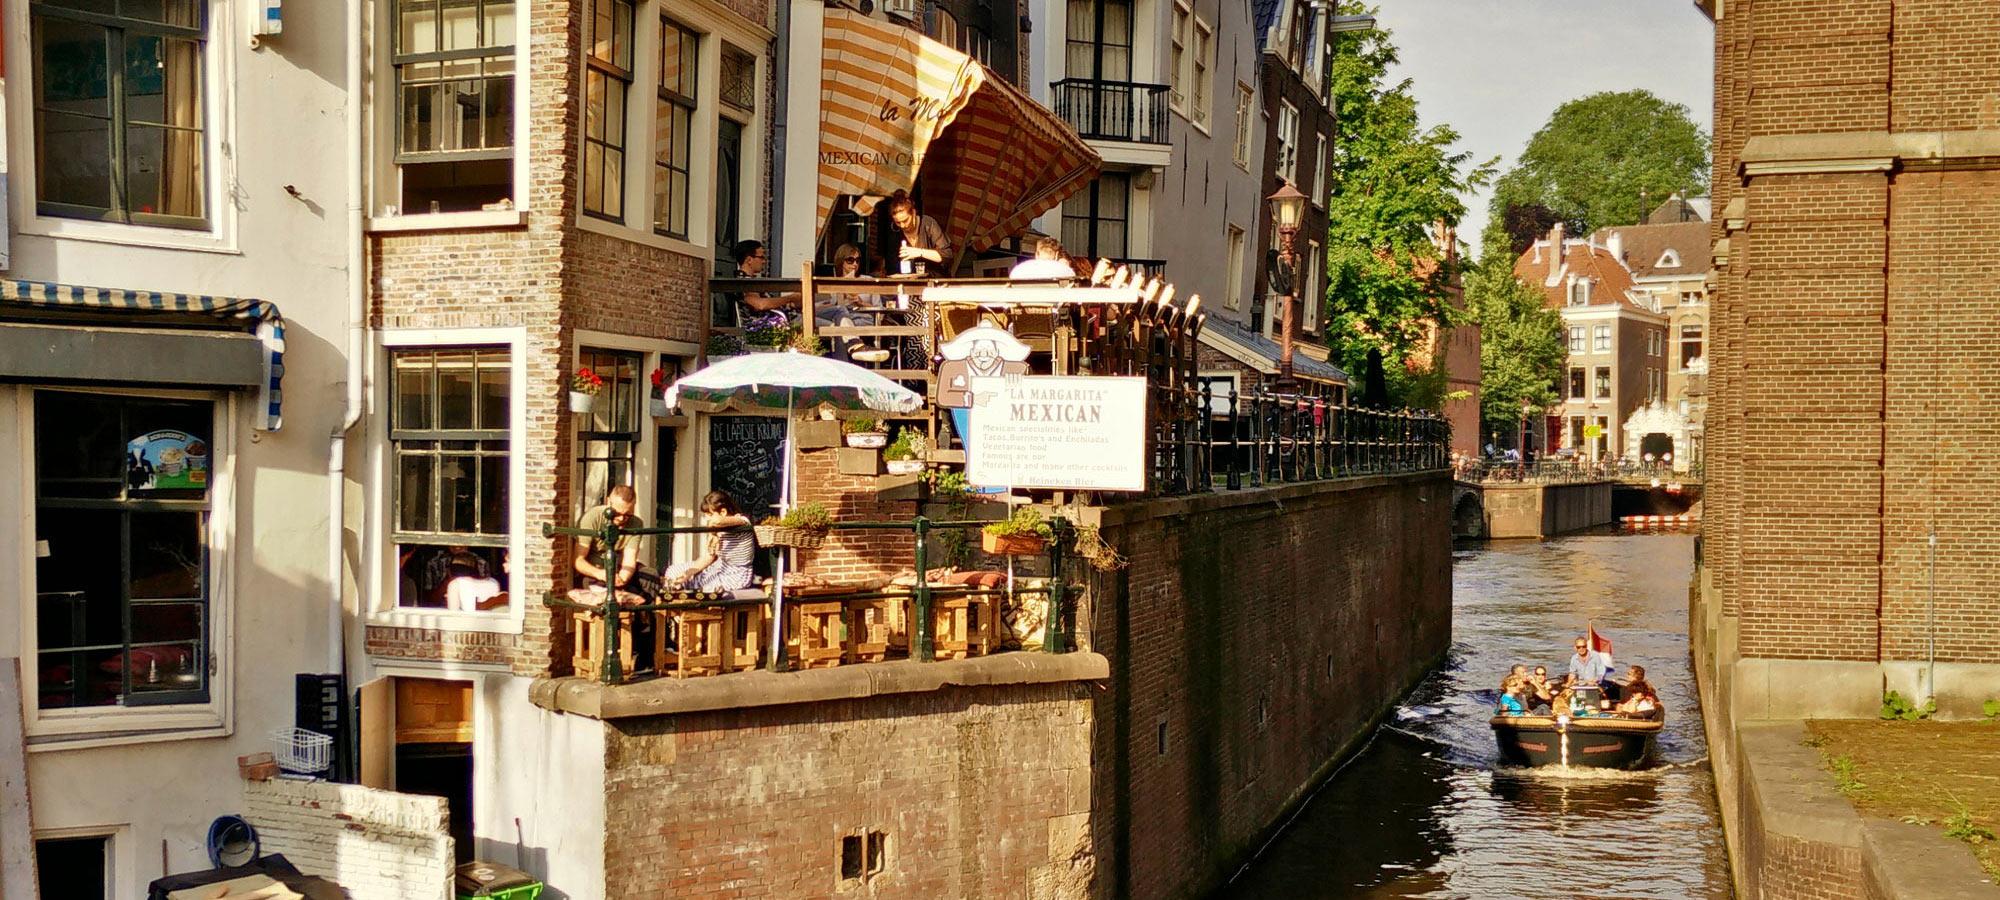 Balkon von De Laatste Kruimel und Gracht Grimburgwal mit Boot